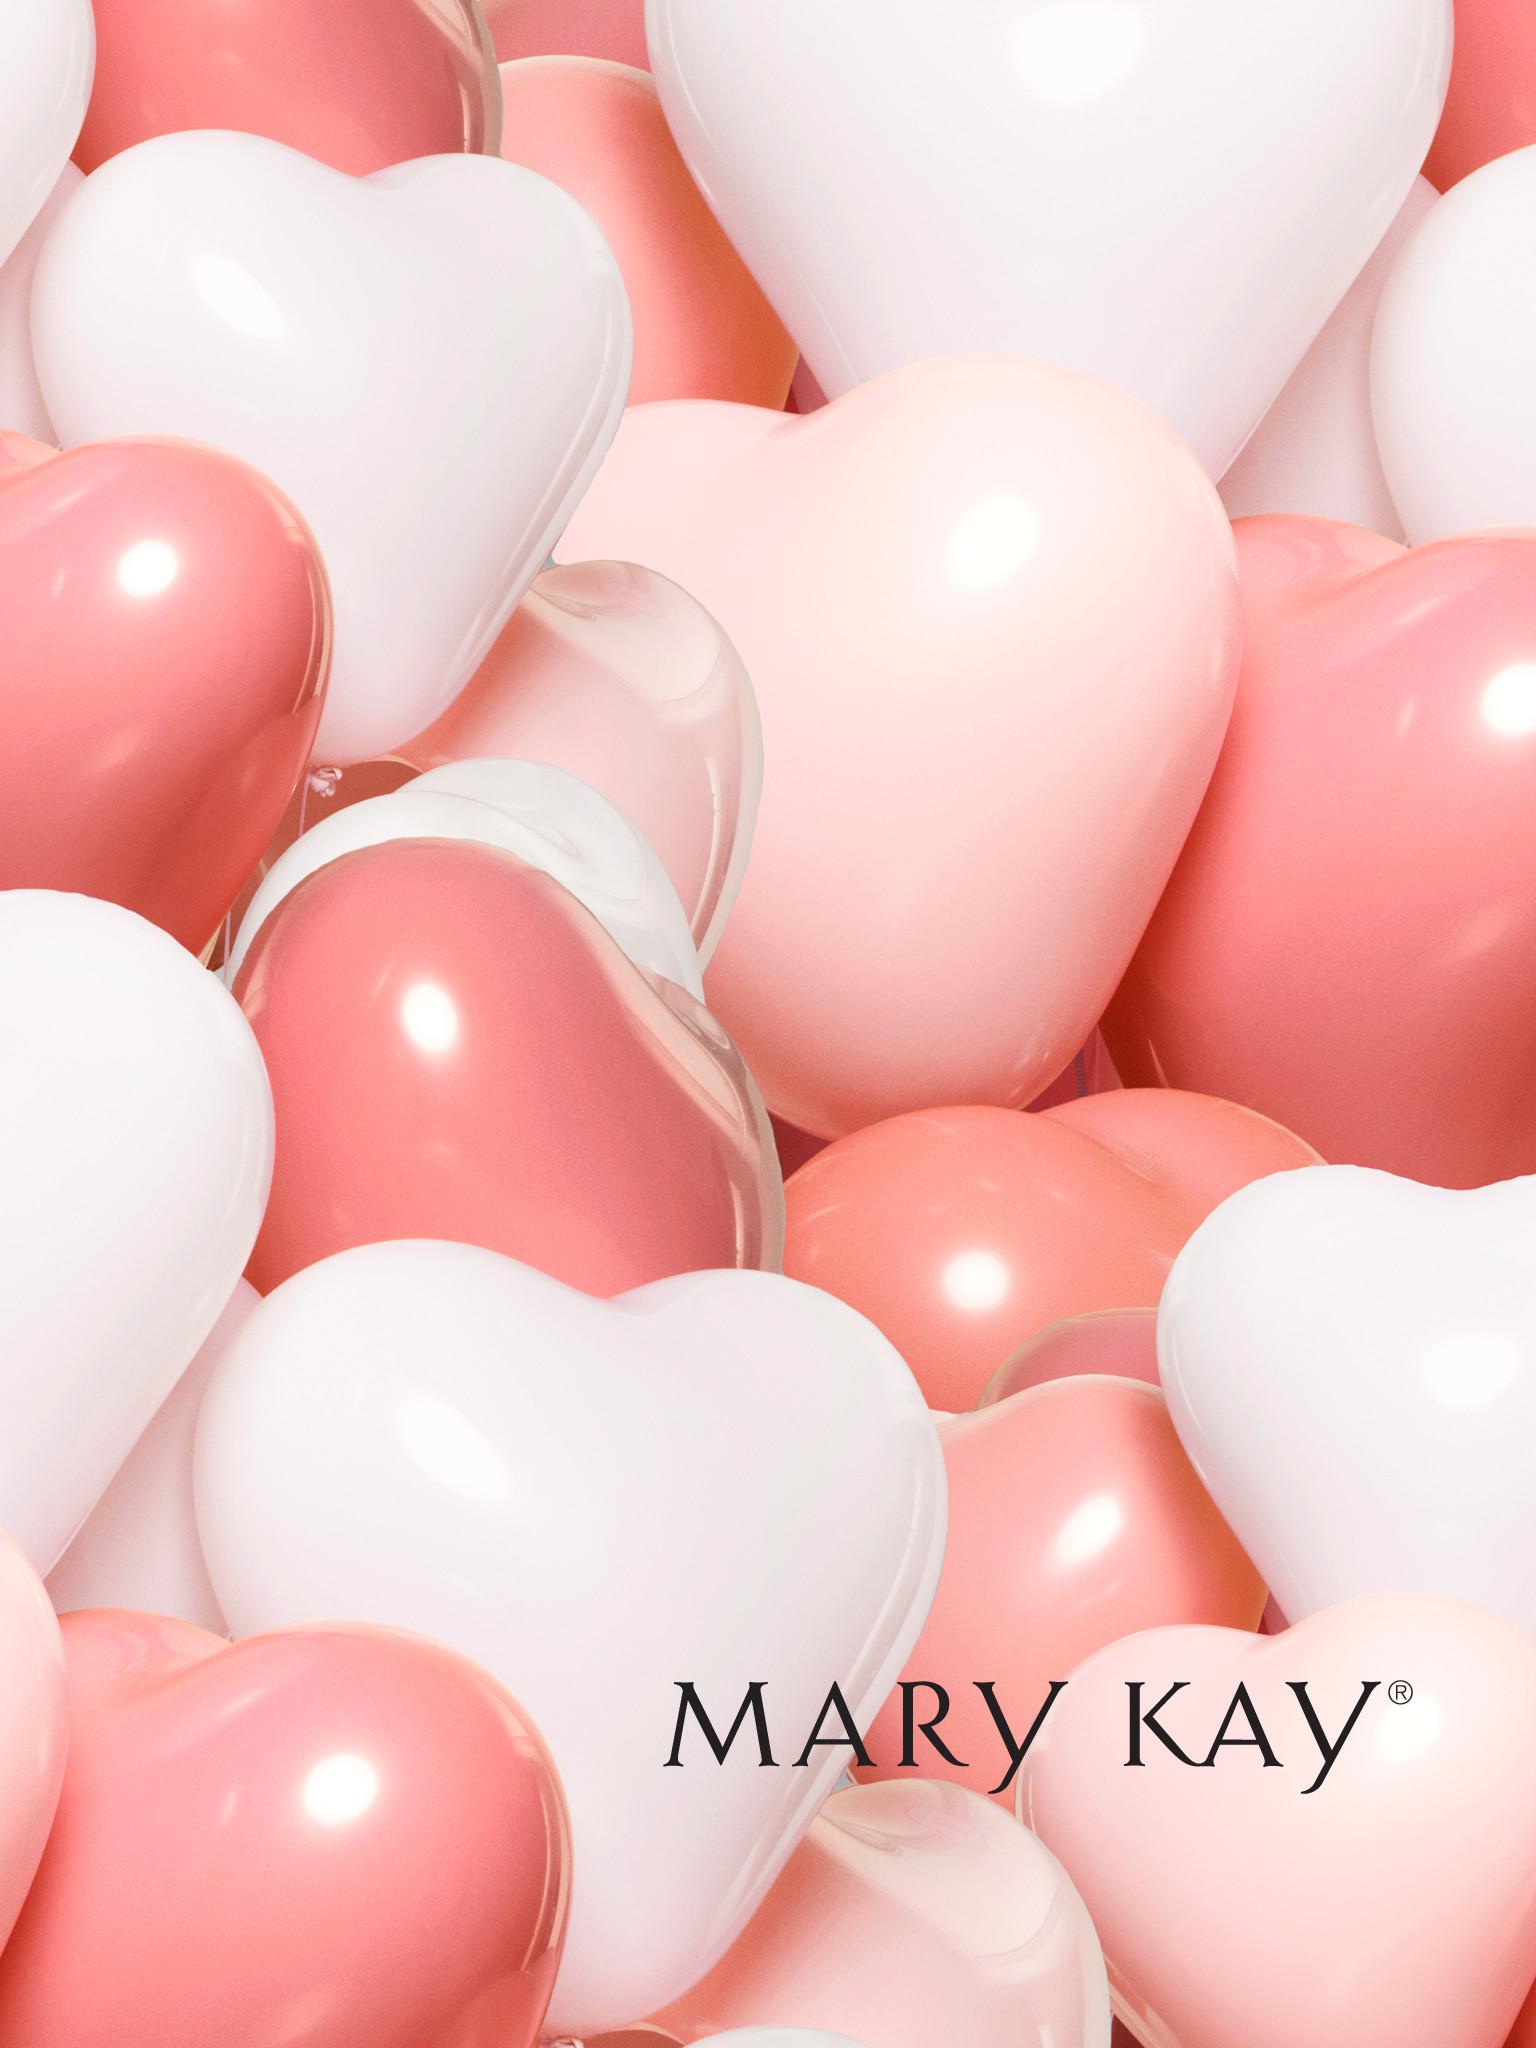 Wallpaper Mary Kay Www.marykay.com/mdcardenas